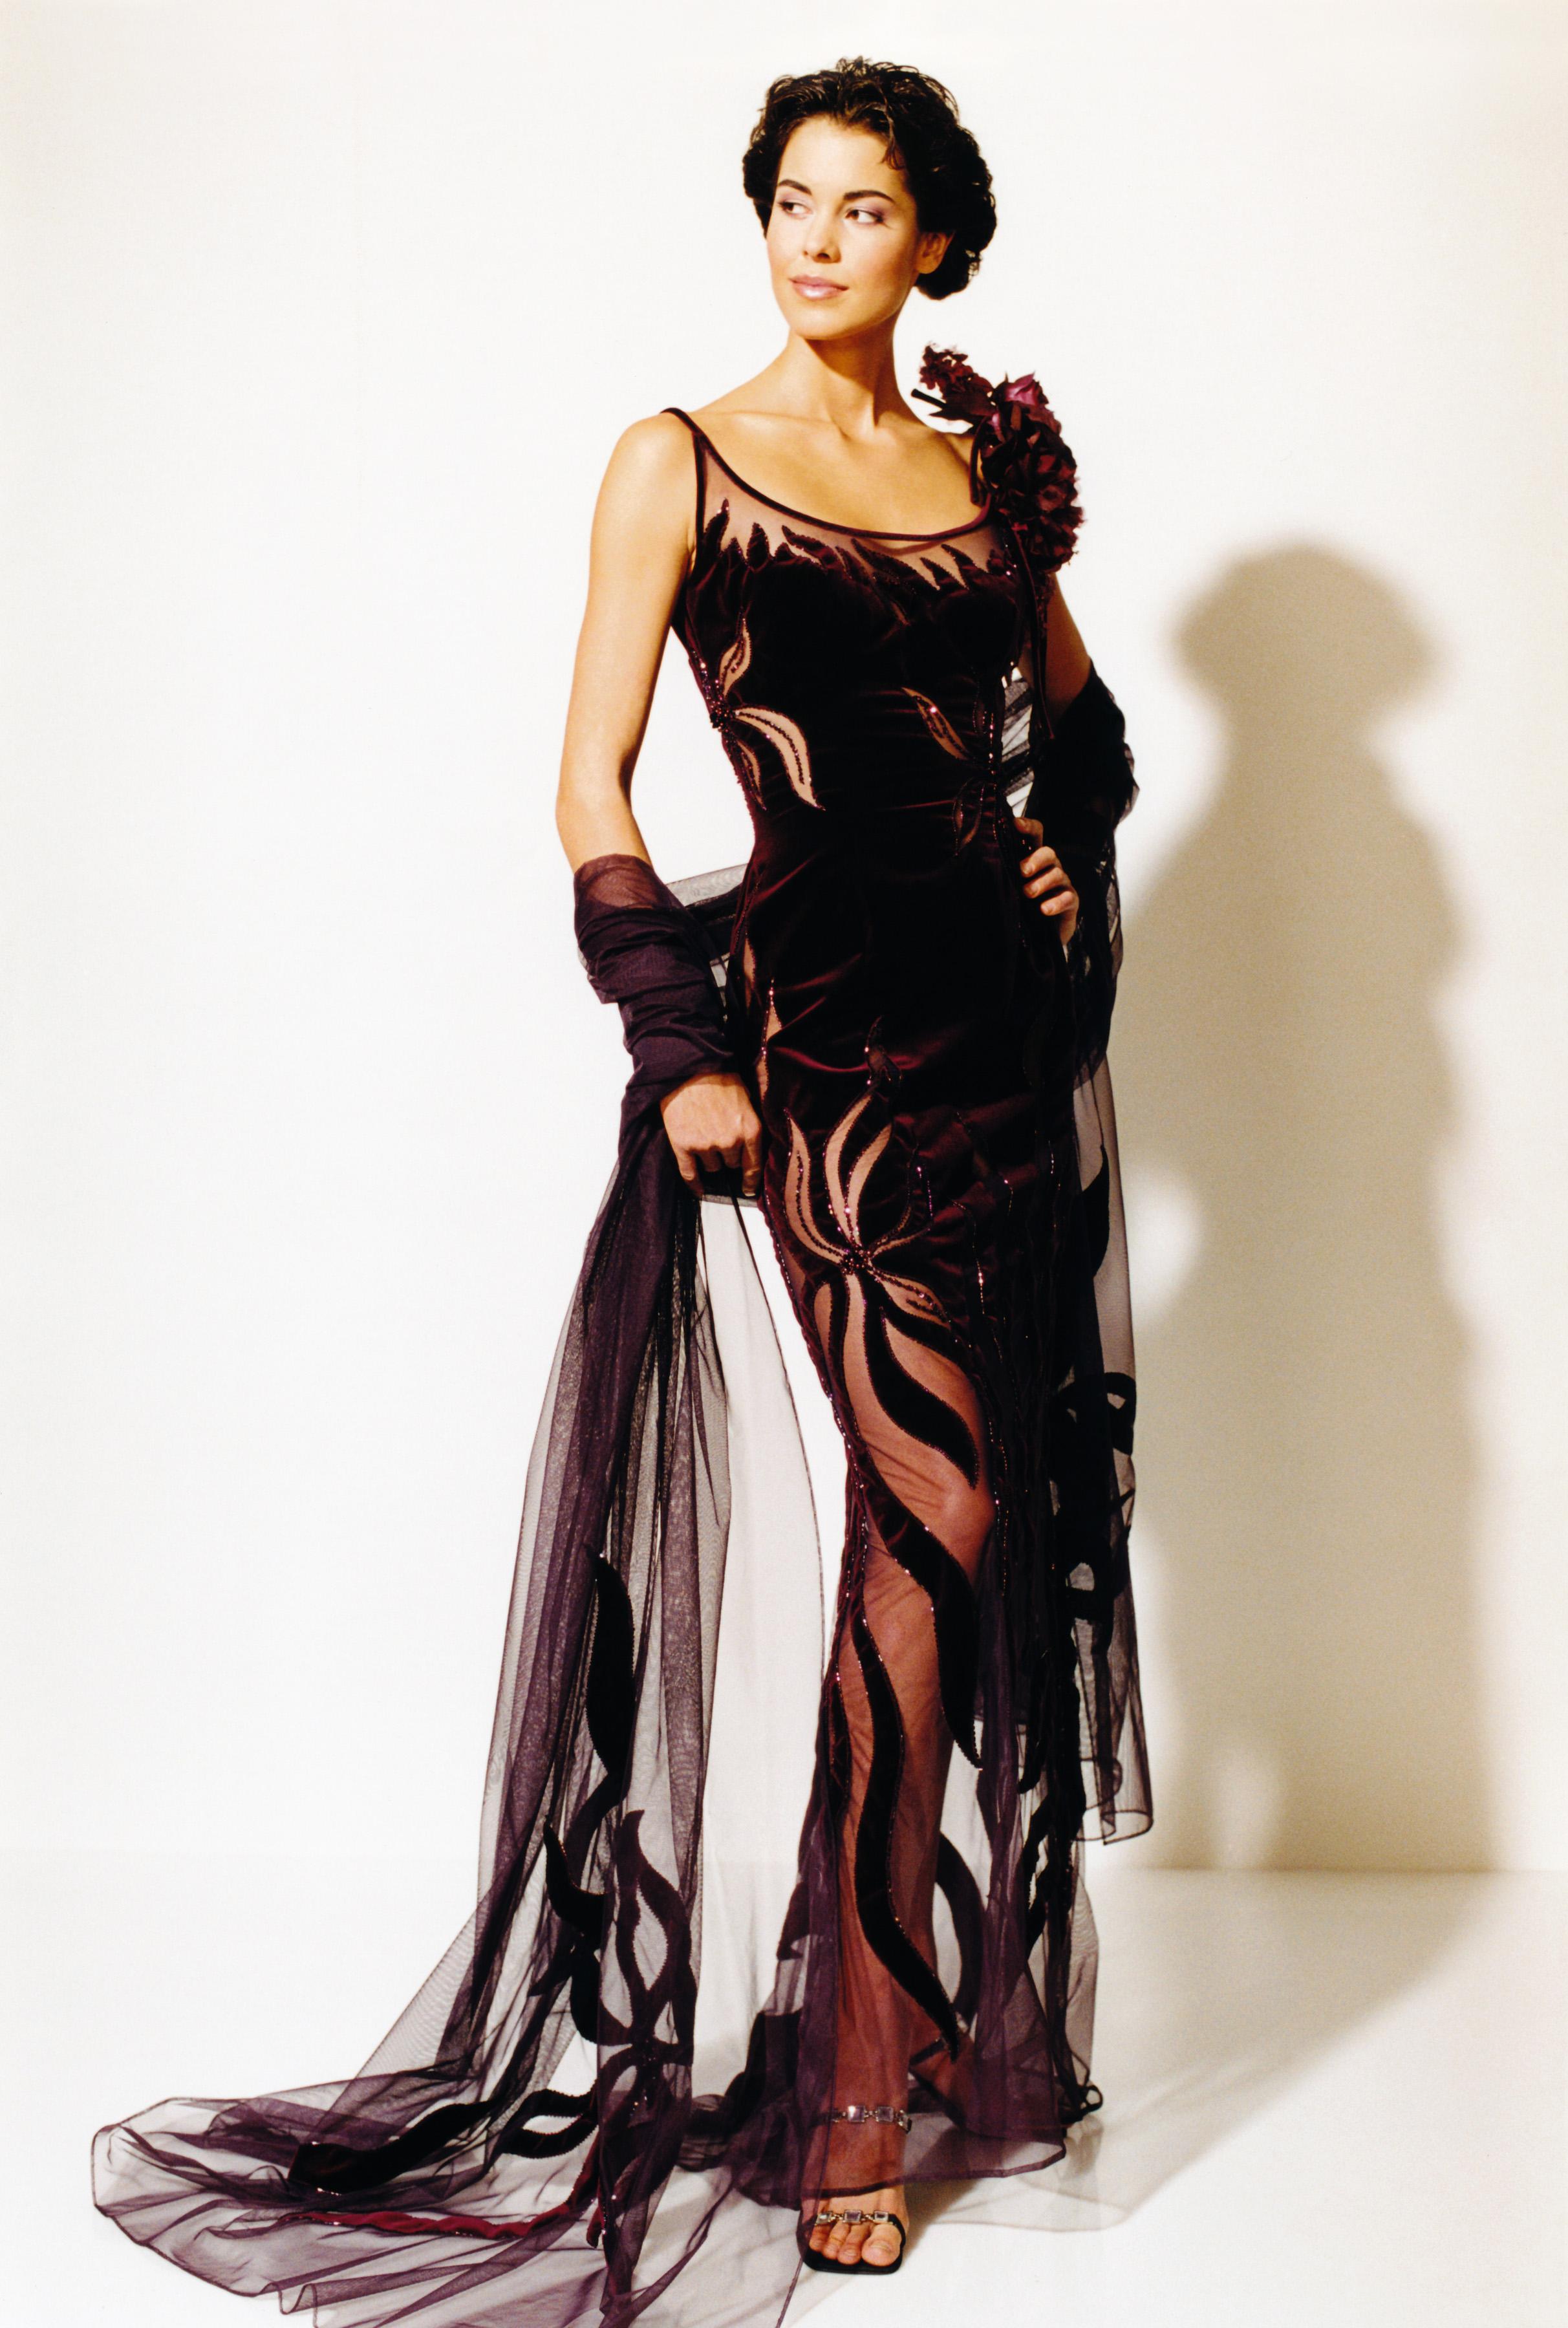 e0b4567989d1 Haute Couture šaty Blanky Matragi kolekce k 20. výročí